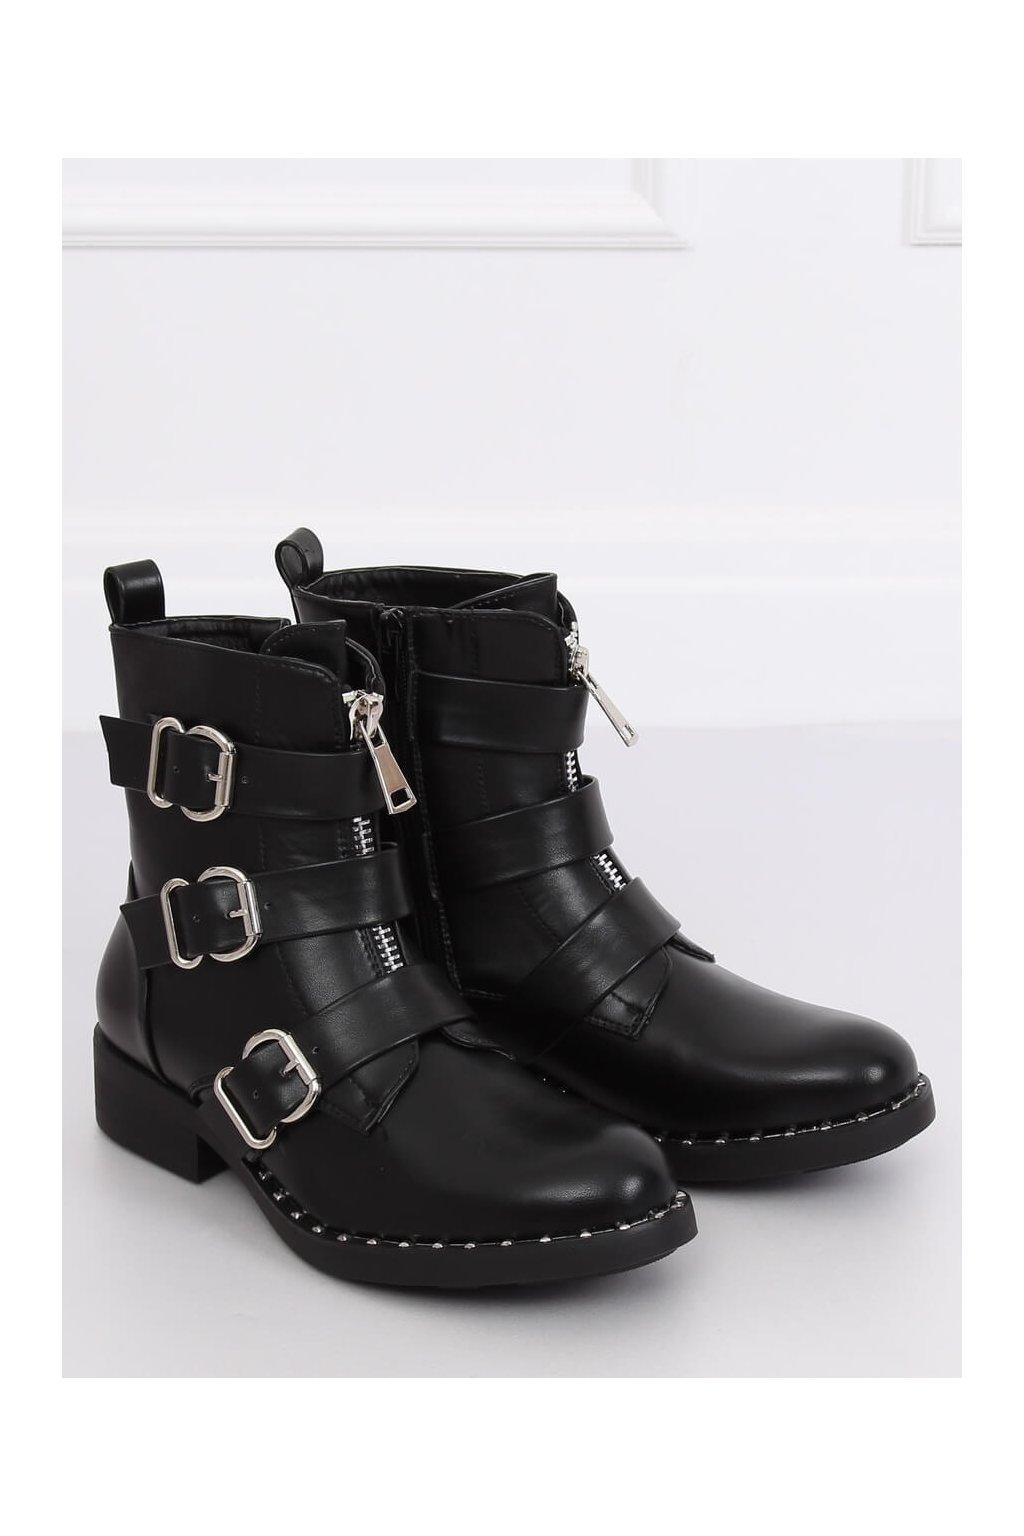 Dámske členkové topánky čierne na plochom podpätku NC851